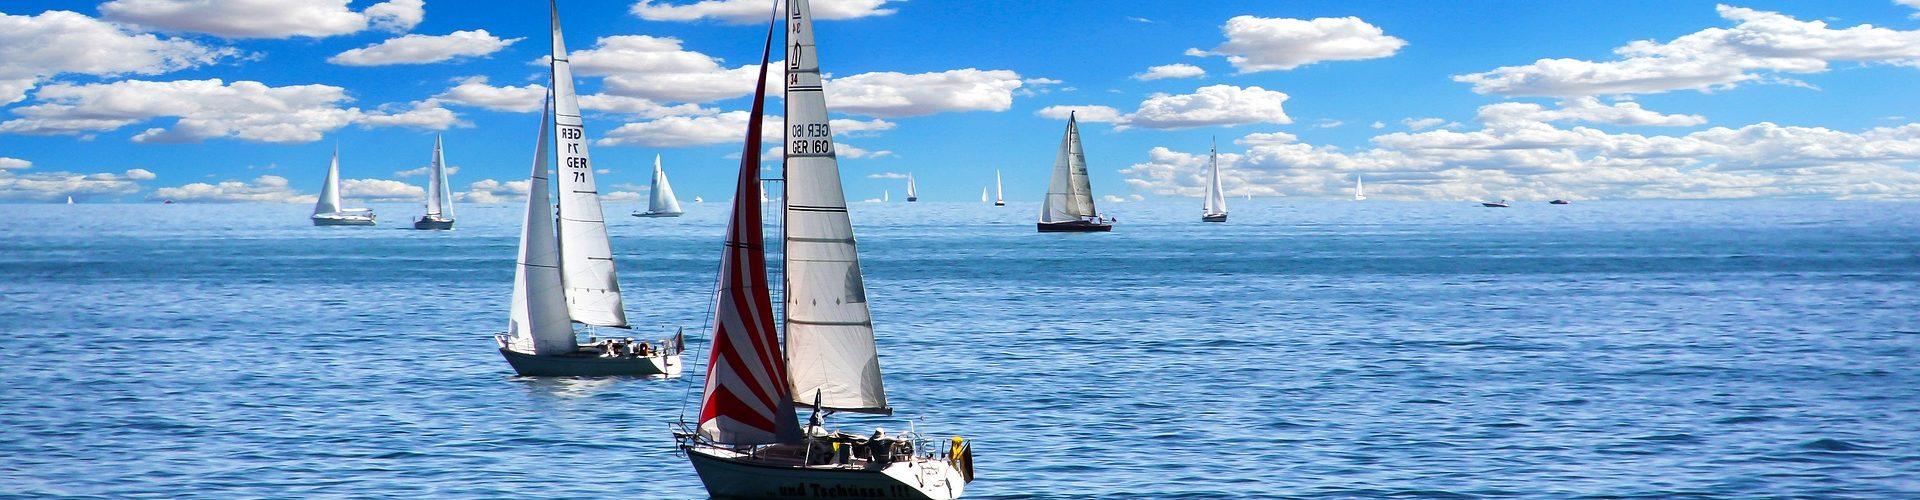 segeln lernen in Winnemark segelschein machen in Winnemark 1920x500 - Segeln lernen in Winnemark